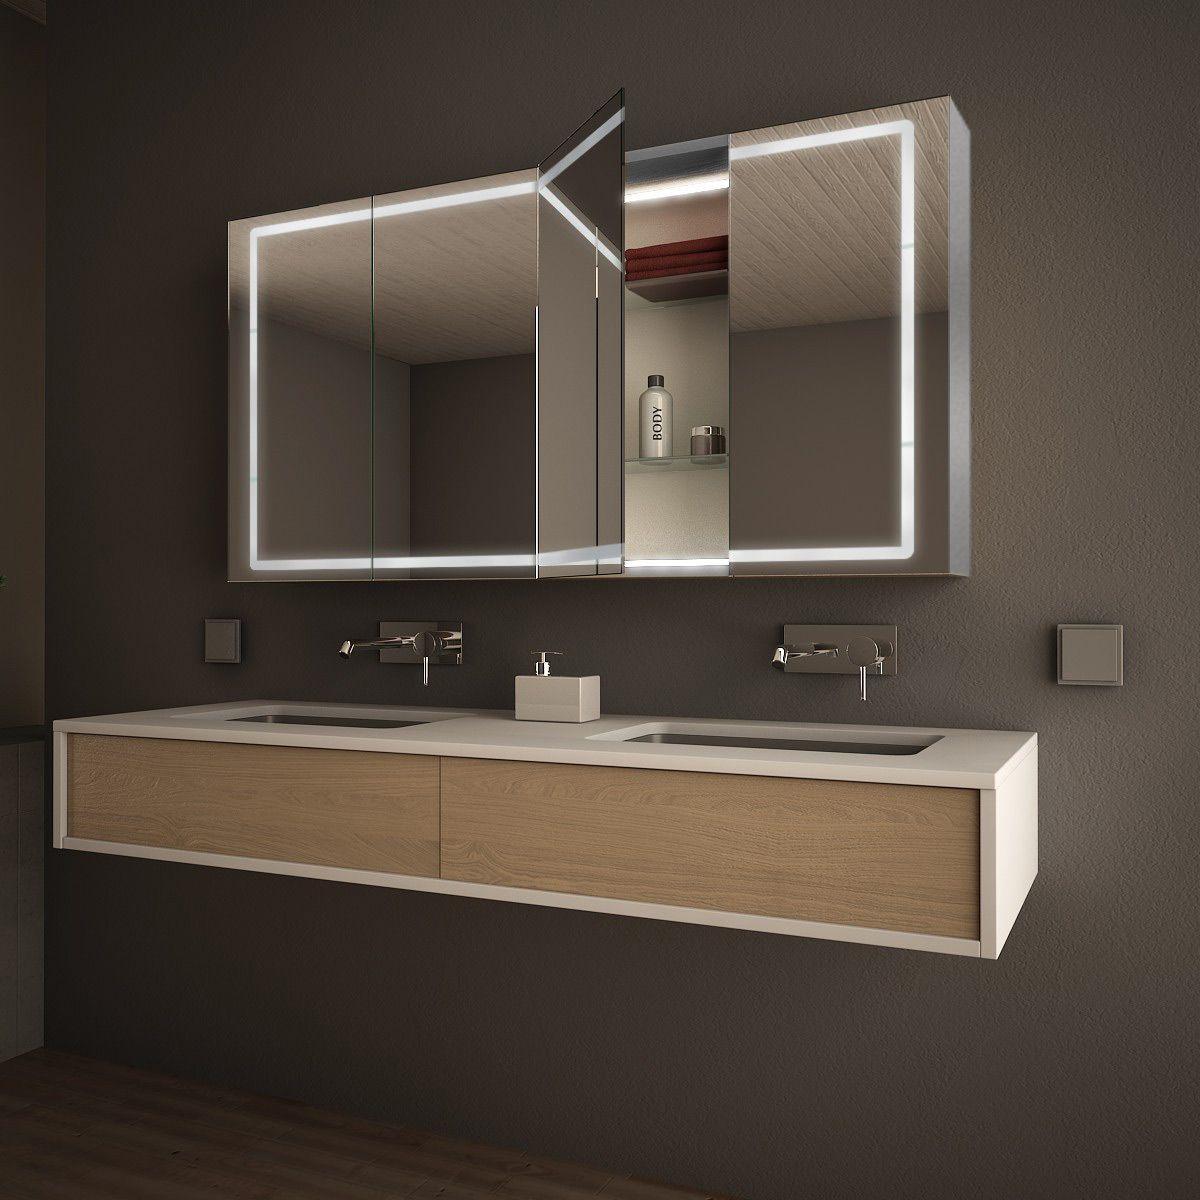 Spiegelschrank Led Mit Alu Korpus Nach Mass Reno 989709640 Badezimmer Spiegelschrank Spiegelschrank Badspiegelschrank